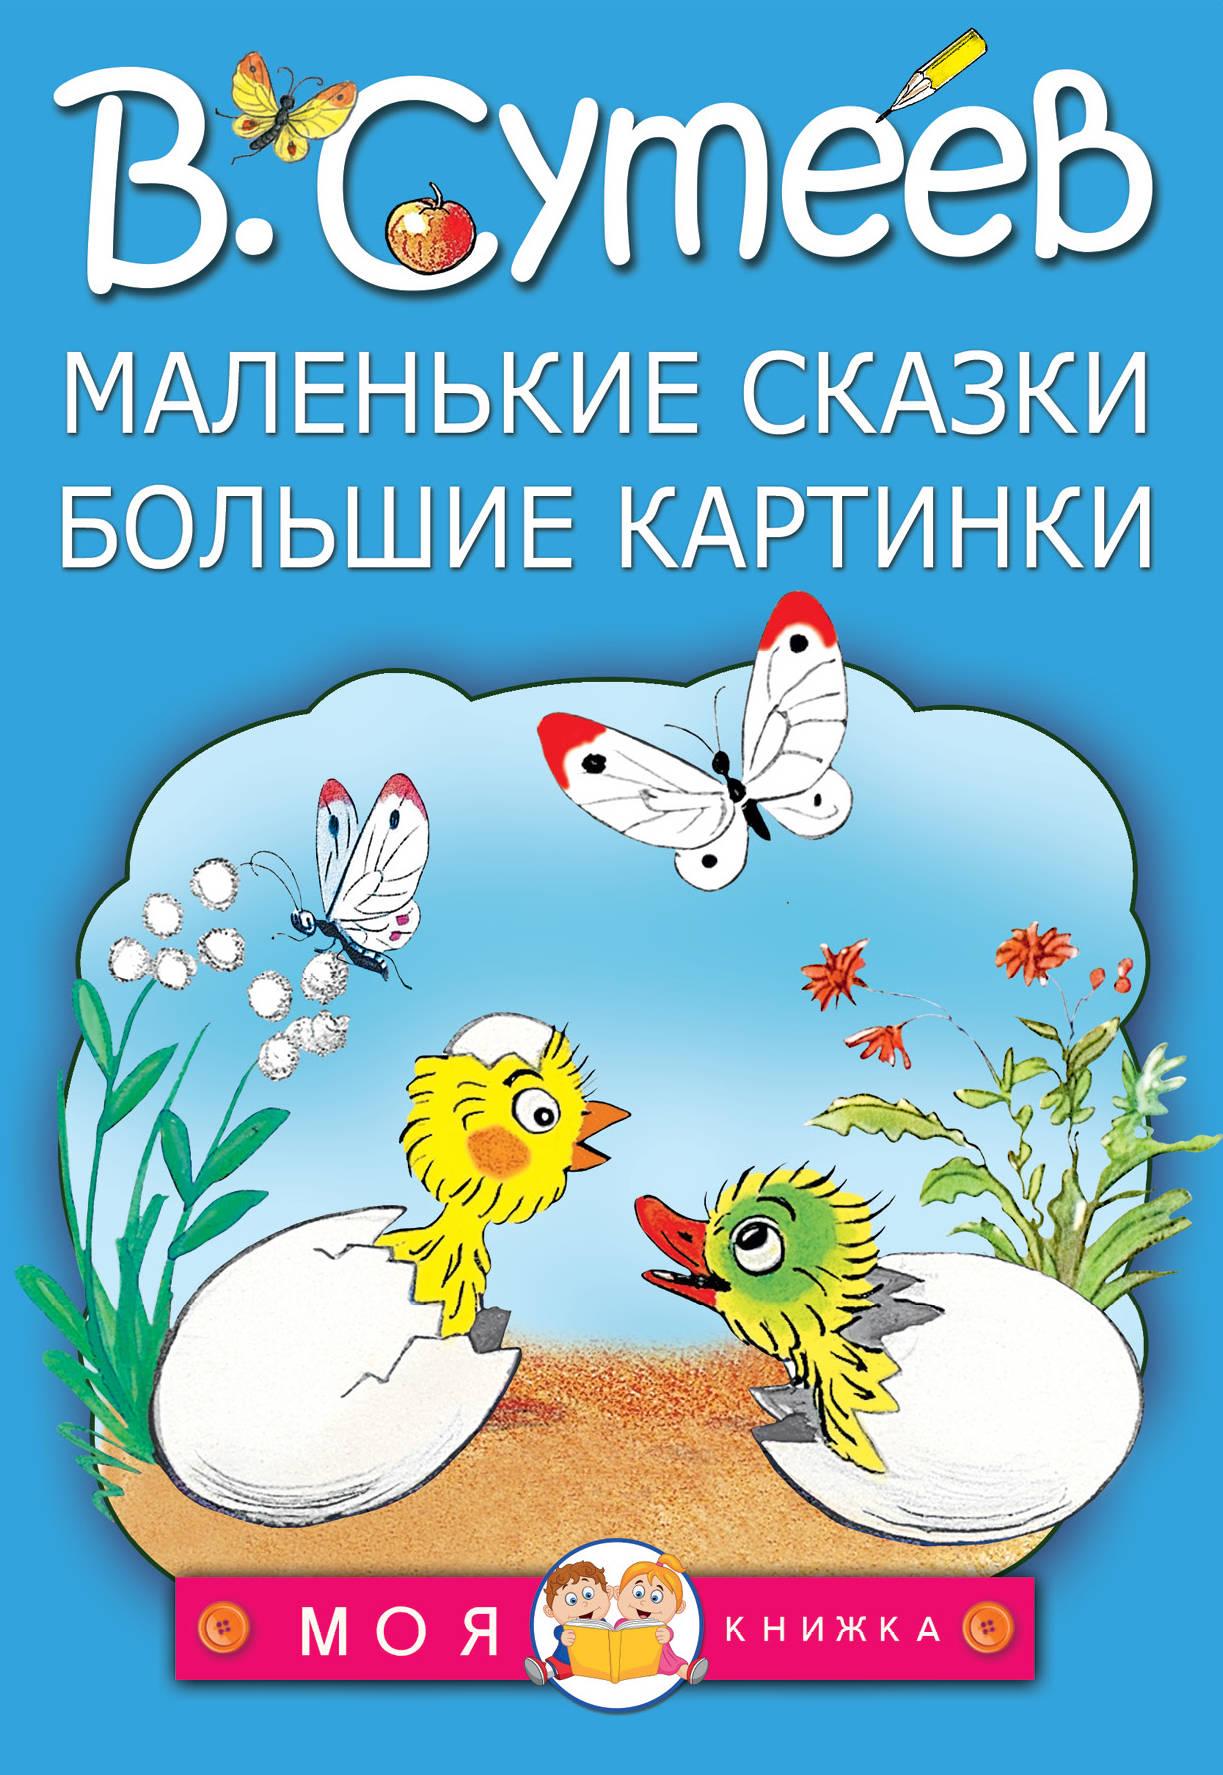 Сутеев В.Г. Маленькие сказки, большие картинки